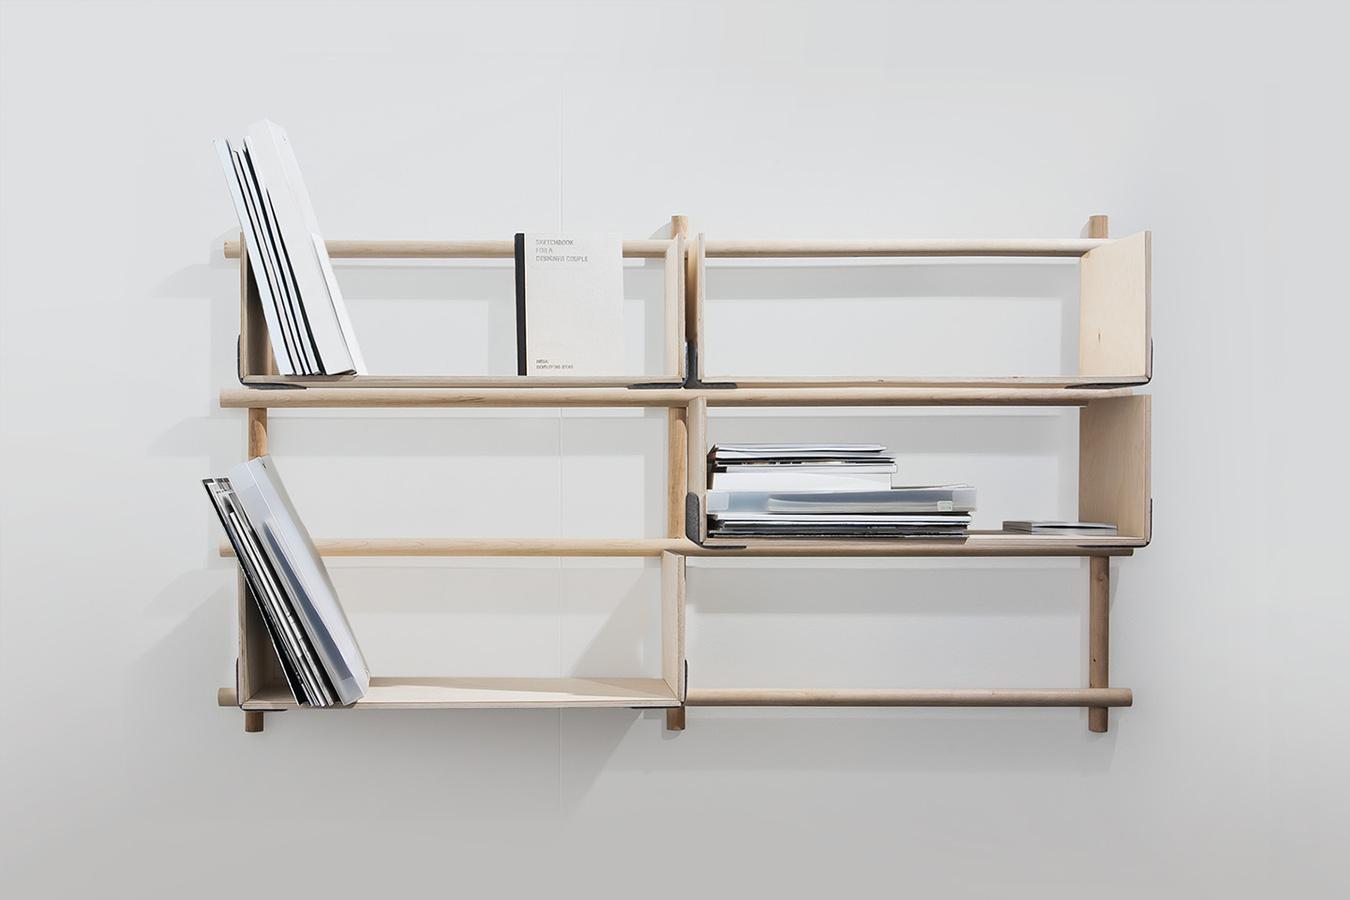 折りたたみ式のフレームワークをつけることにより増設可能な棚「Foldin」3